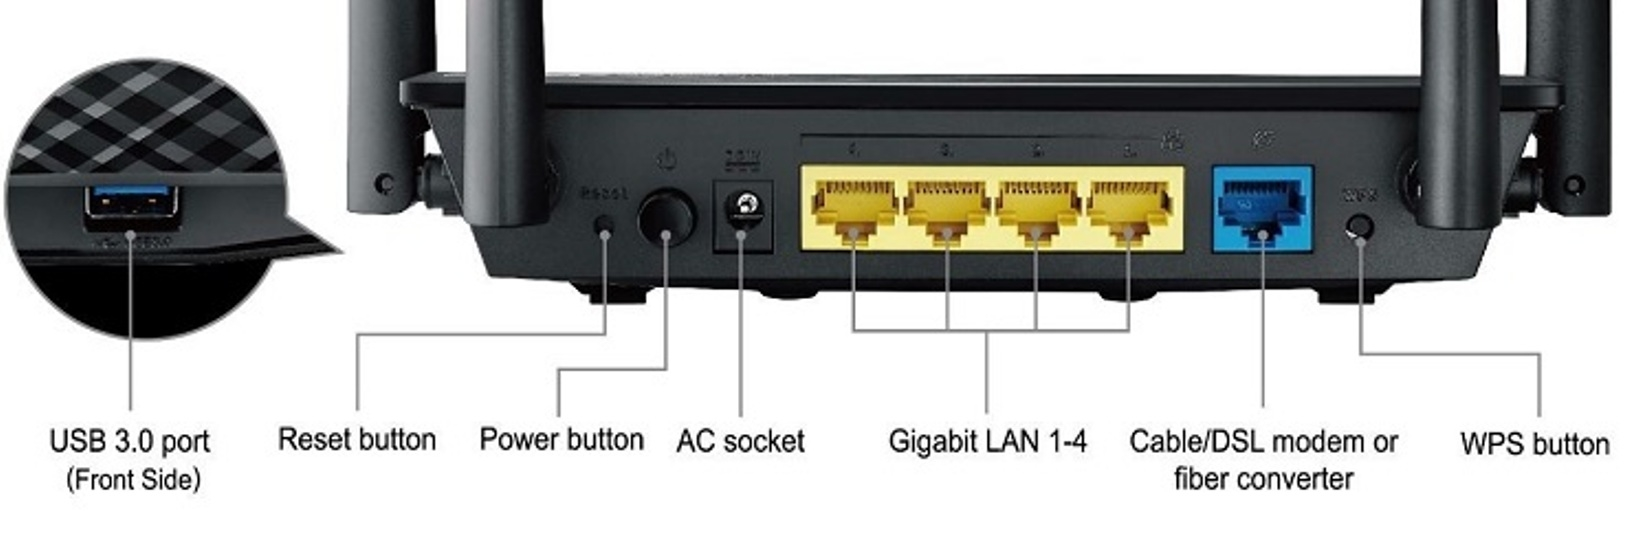 ASUS RT-AC1300UHP Router wifi băng tần kép, chuẩn AC1300